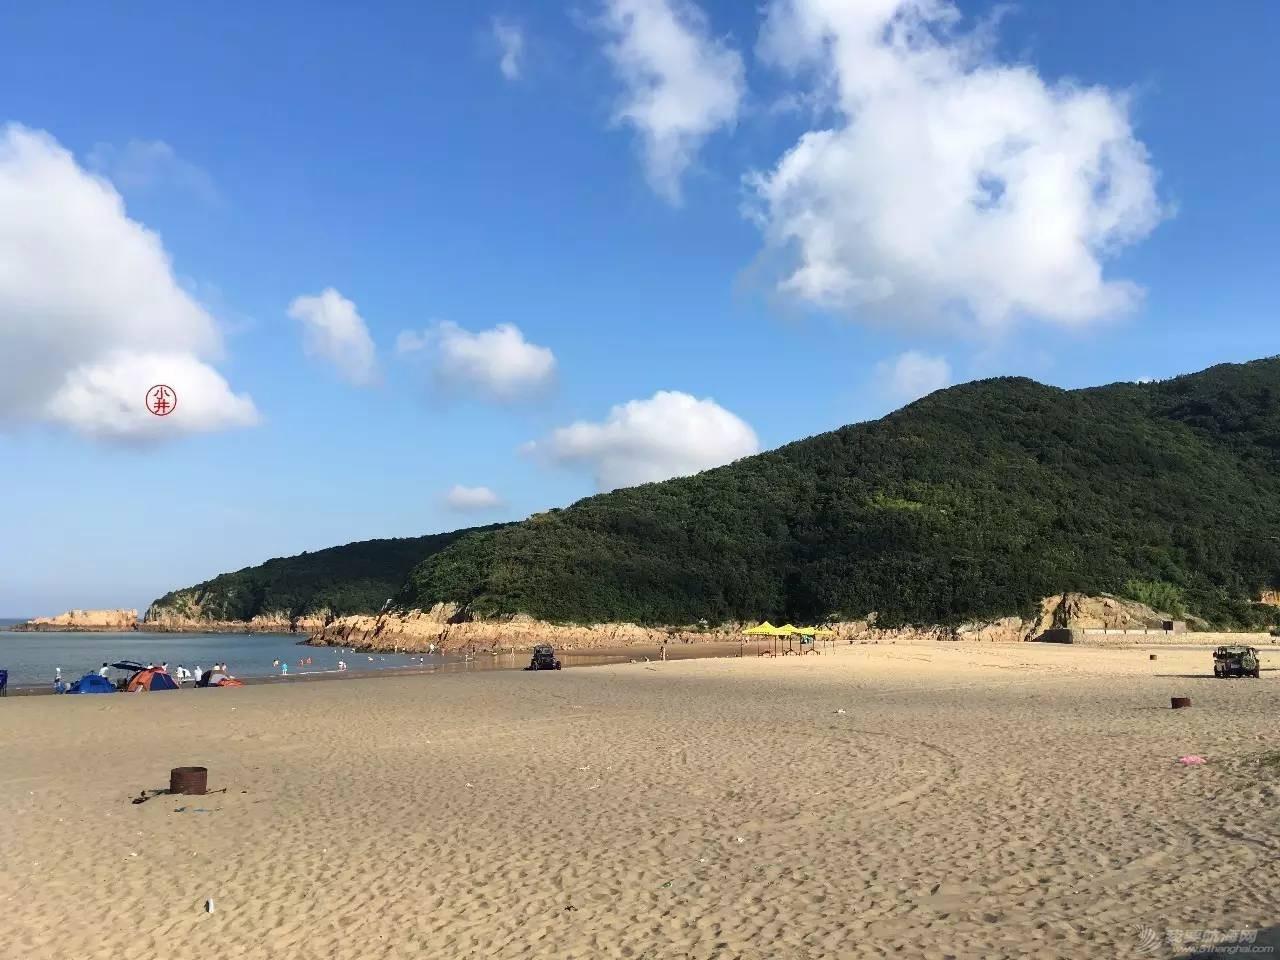 新鲜感,朱家尖,救生衣,天气,沙滩 出发舟山朱家尖老佃房沙滩,这种视觉冲击可不是每天都有喔..... 78f19f6196b034e1591055cafef5e3b9.jpg